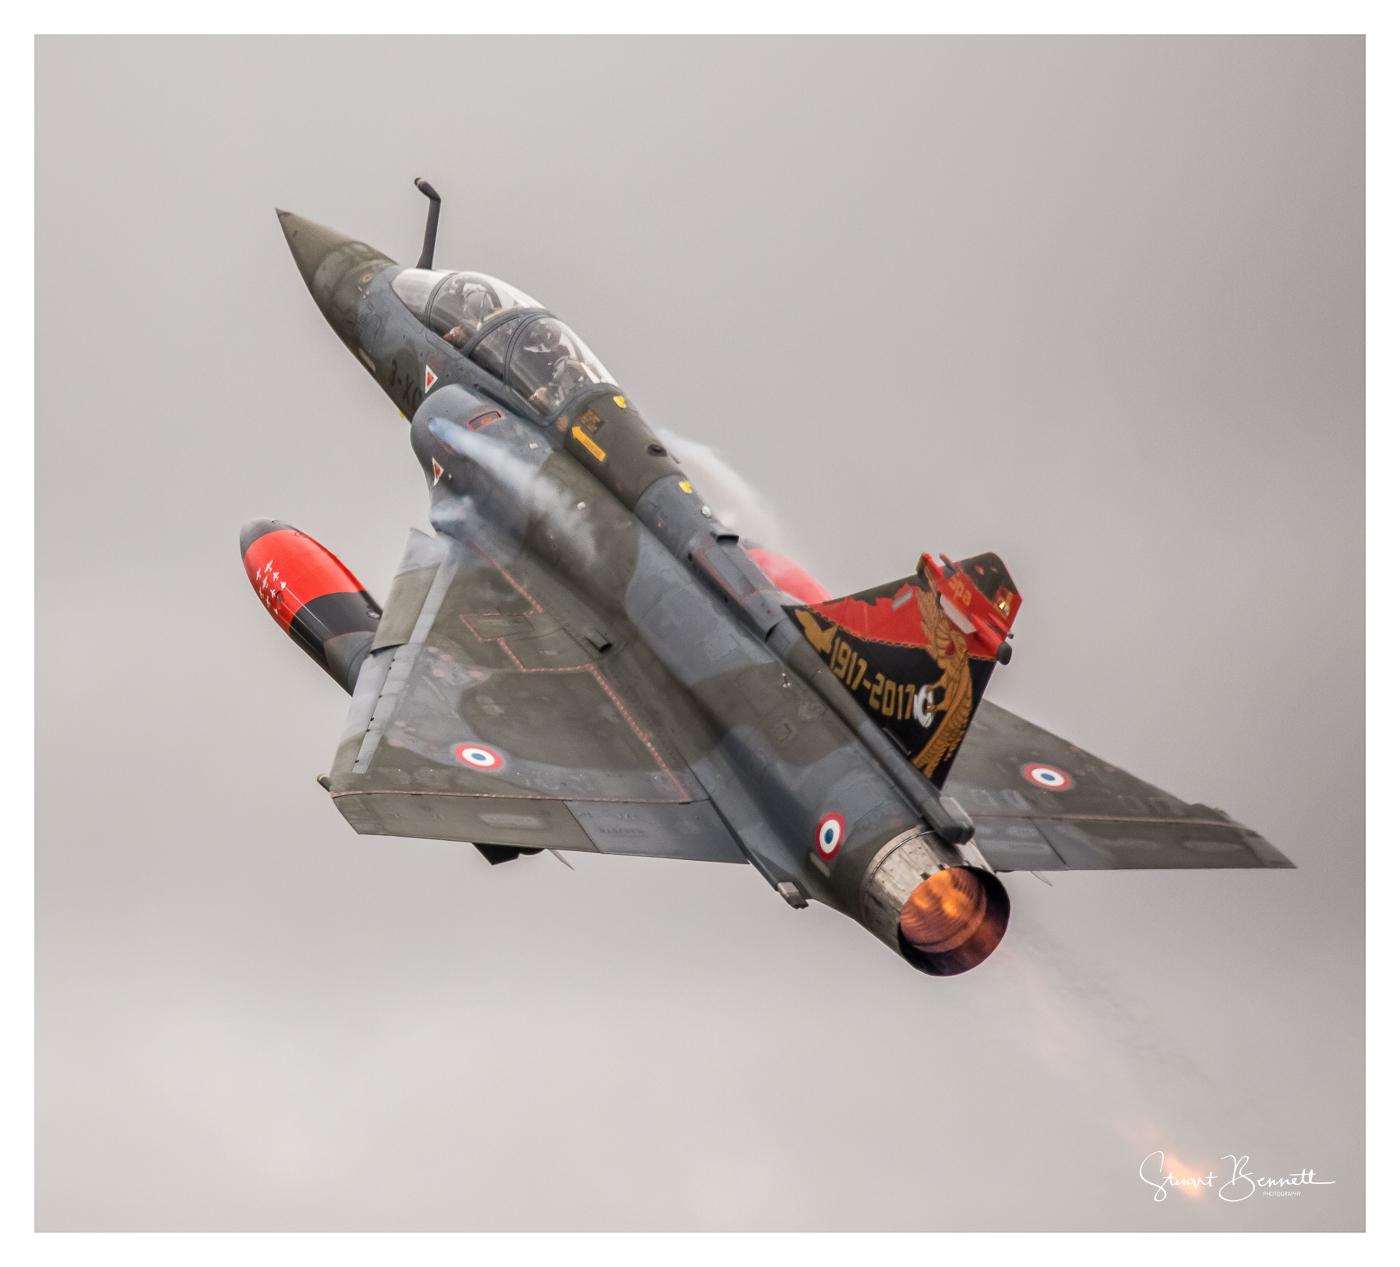 RIAT 2017 - Mirage 2000D.JPG